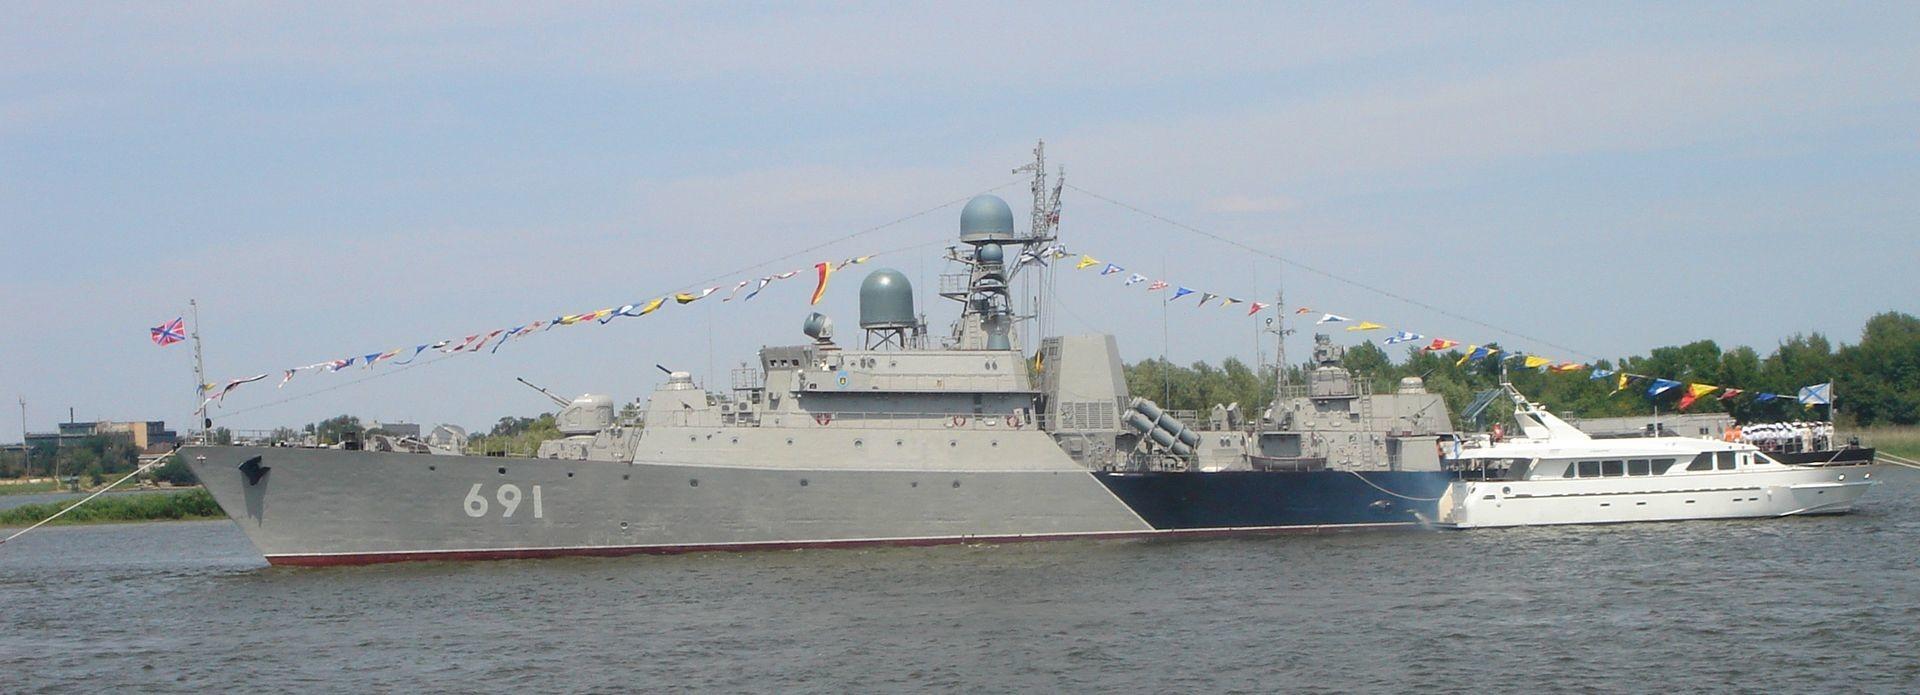 РК «Татарстан» на параде в честь Дня ВМФ в Астрахани, 2012 год